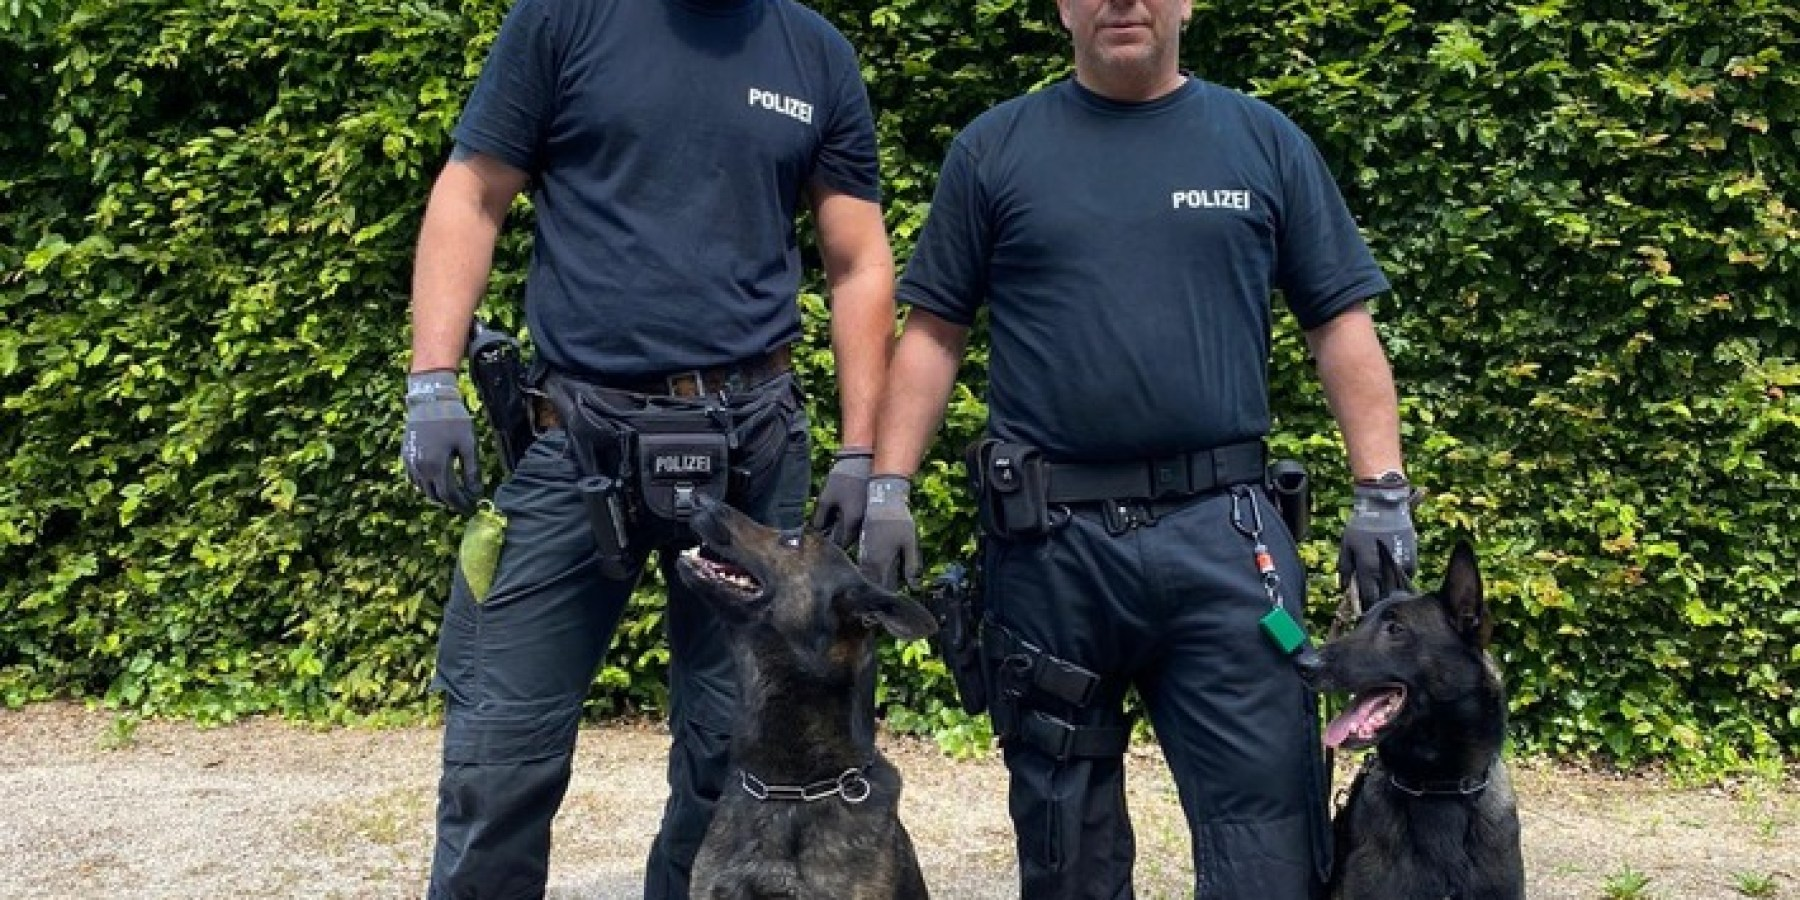 """Datenspeicherspürhund """"Theo"""" findet verstecktes iPad und USB-Stick in Wohnung der 45-jährigen Beschuldigten in Münster"""